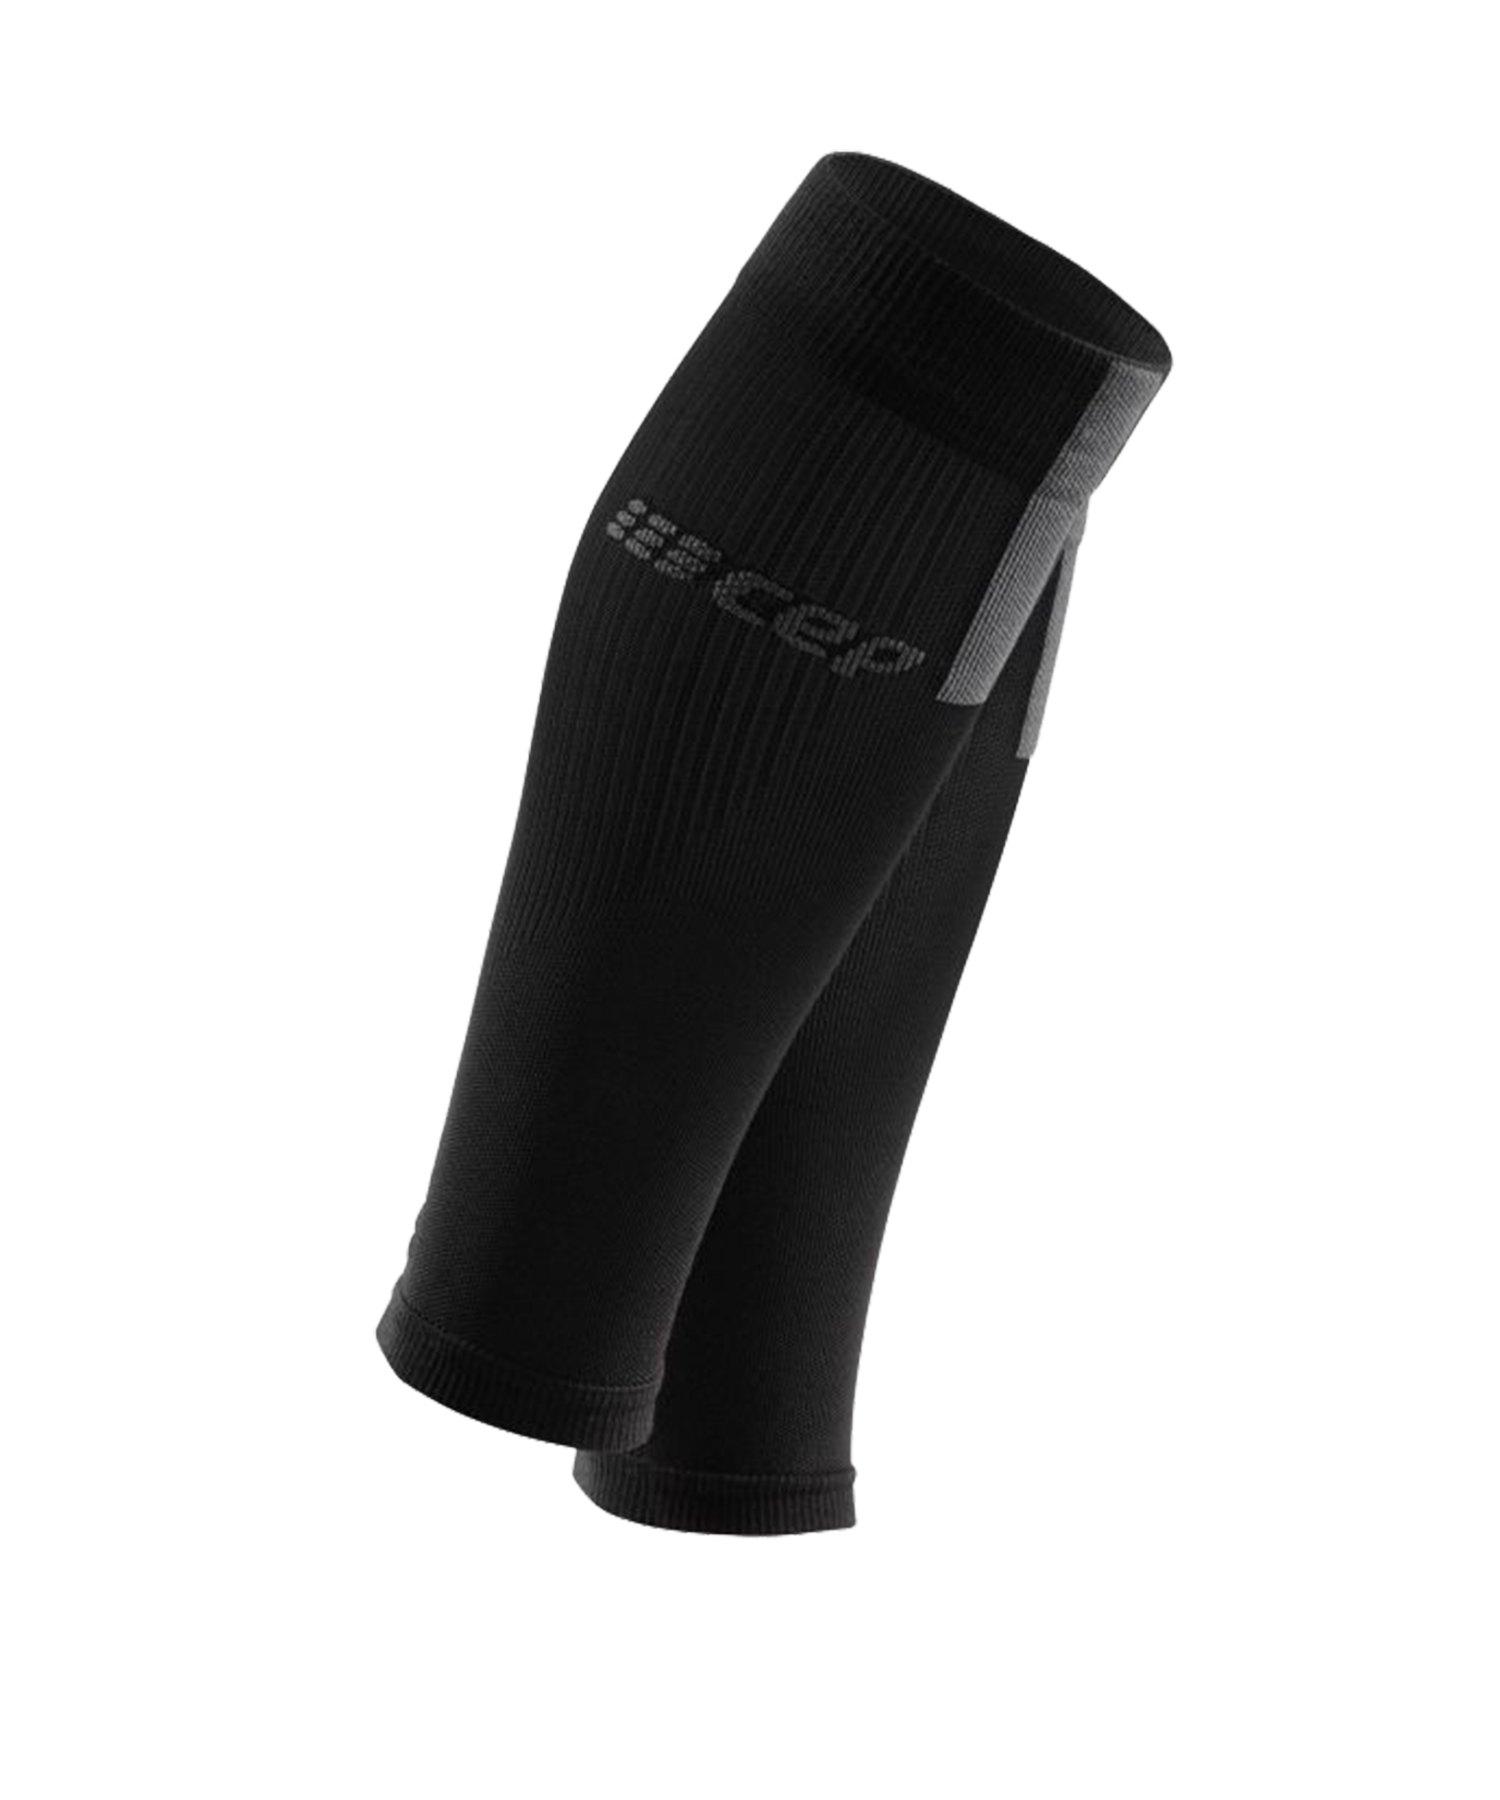 CEP Calf Sleeves 3.0 Running Schwarz Grau - schwarz